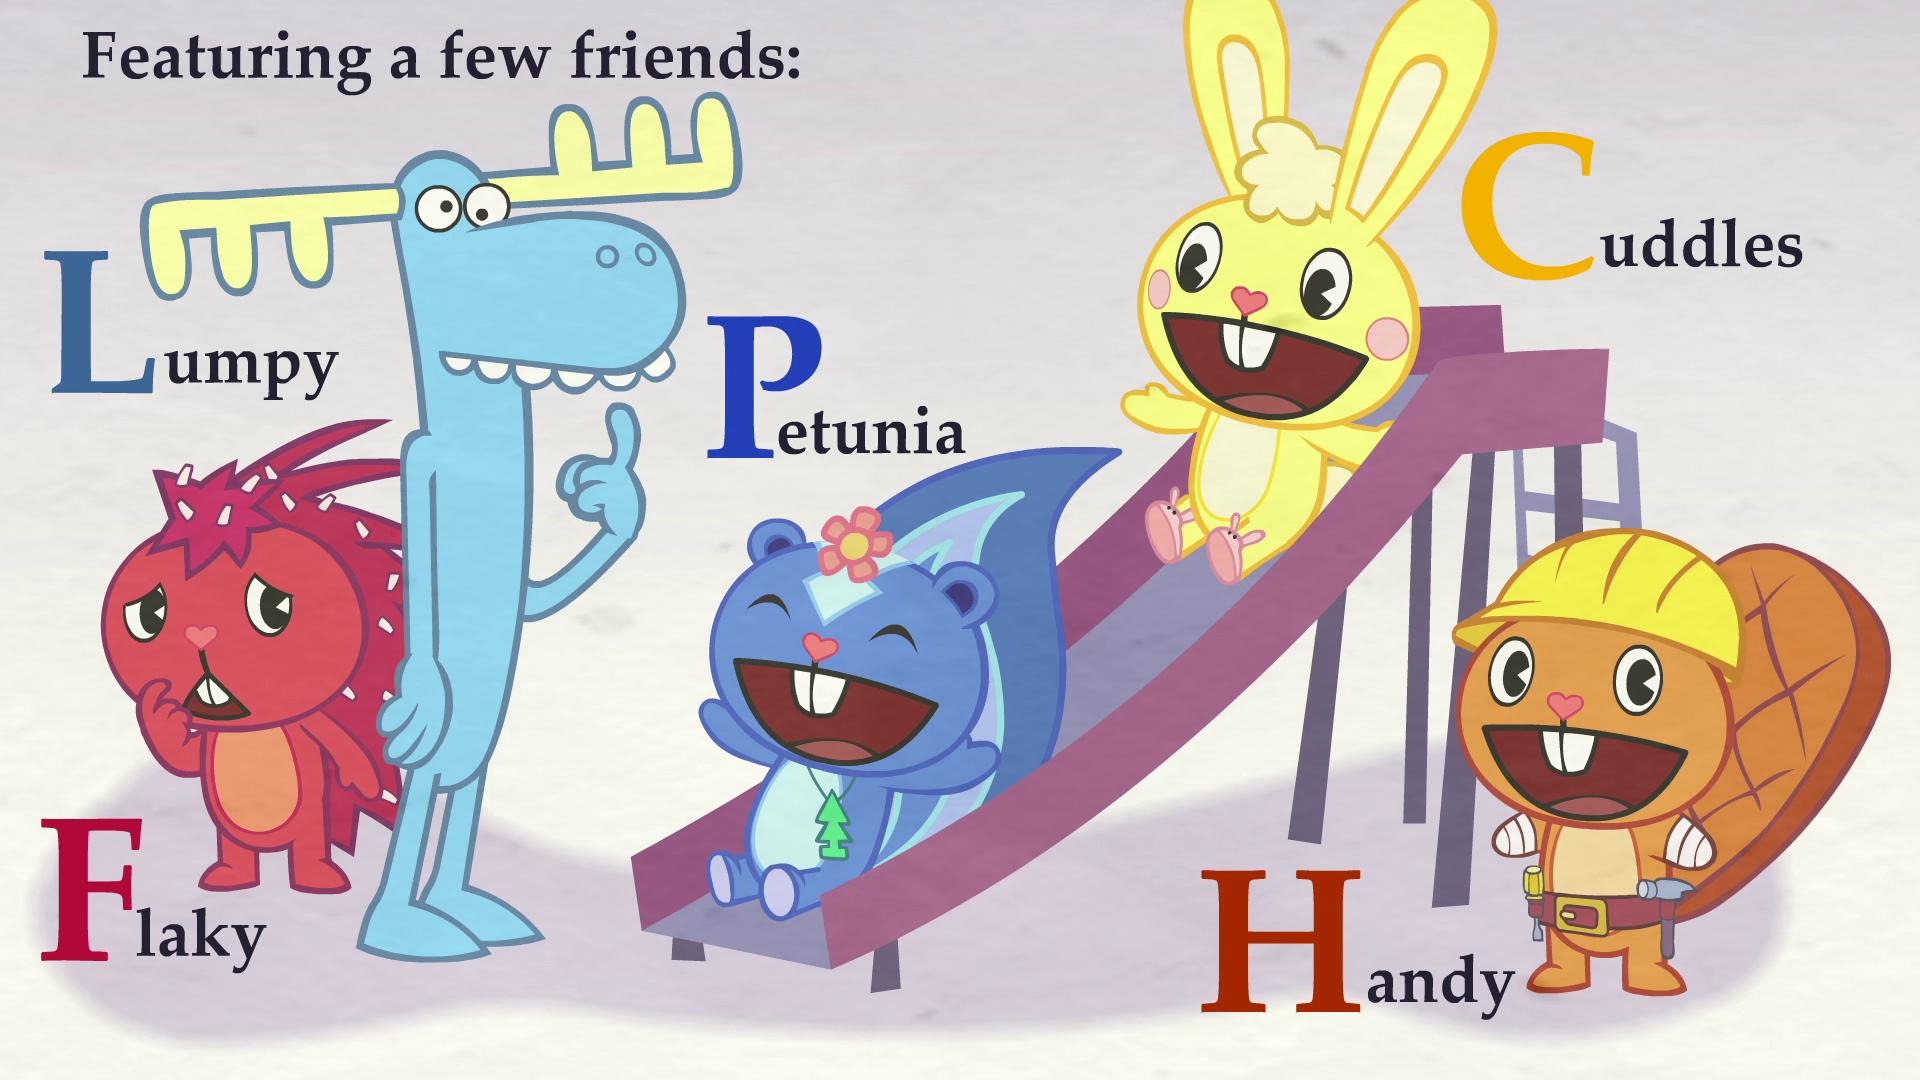 دوستان شاد درختی قسمت 69-فصل 3 قسمت 12- سال 2007 تا 2013- لینک تمام قسمت ها در توضیح زیر این ویدیو است